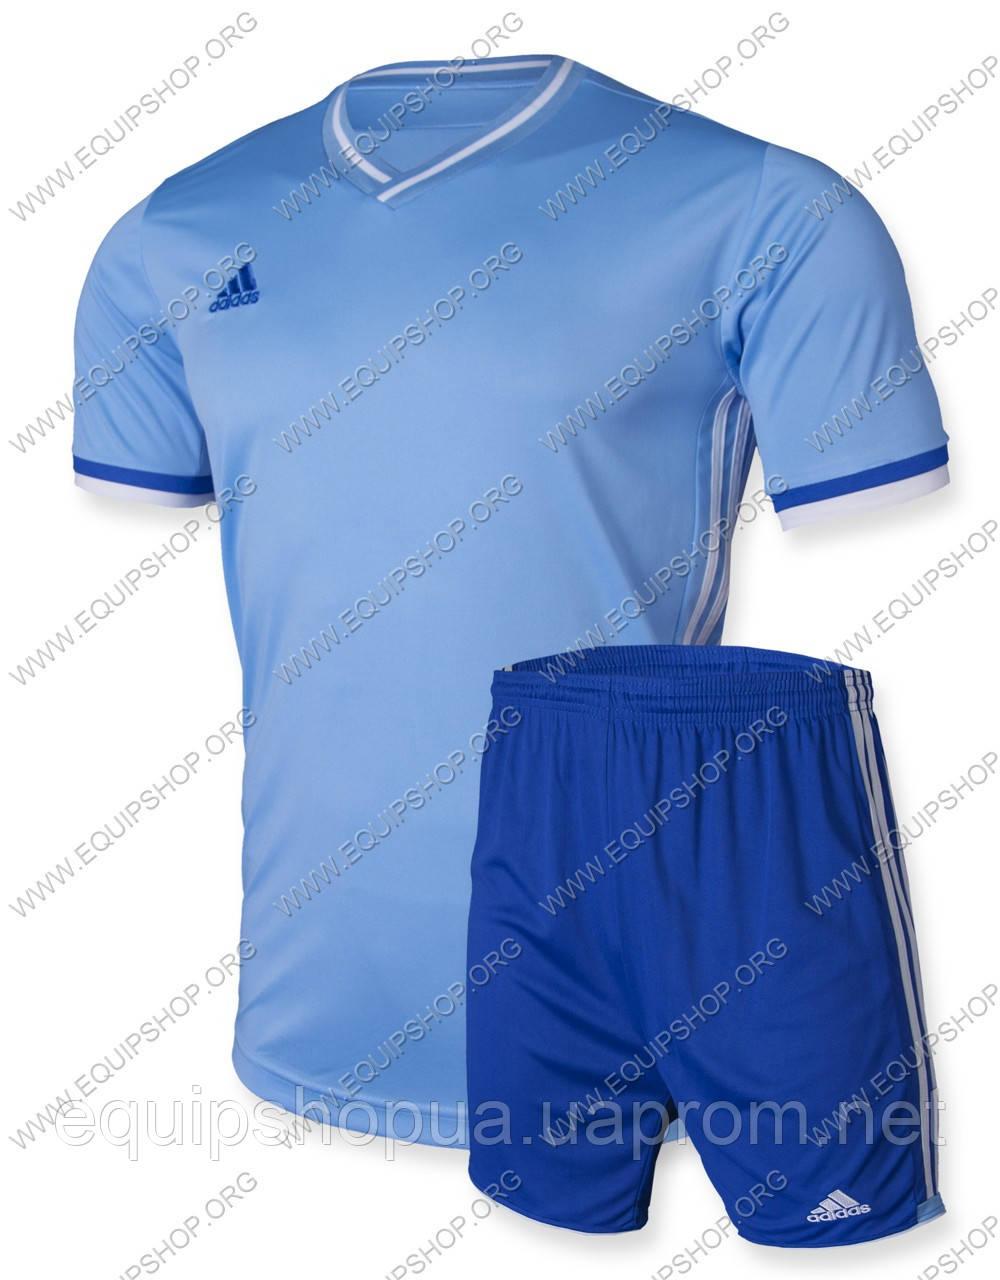 Футбольная форма Adidas Condivo16 голубо-т.синяя